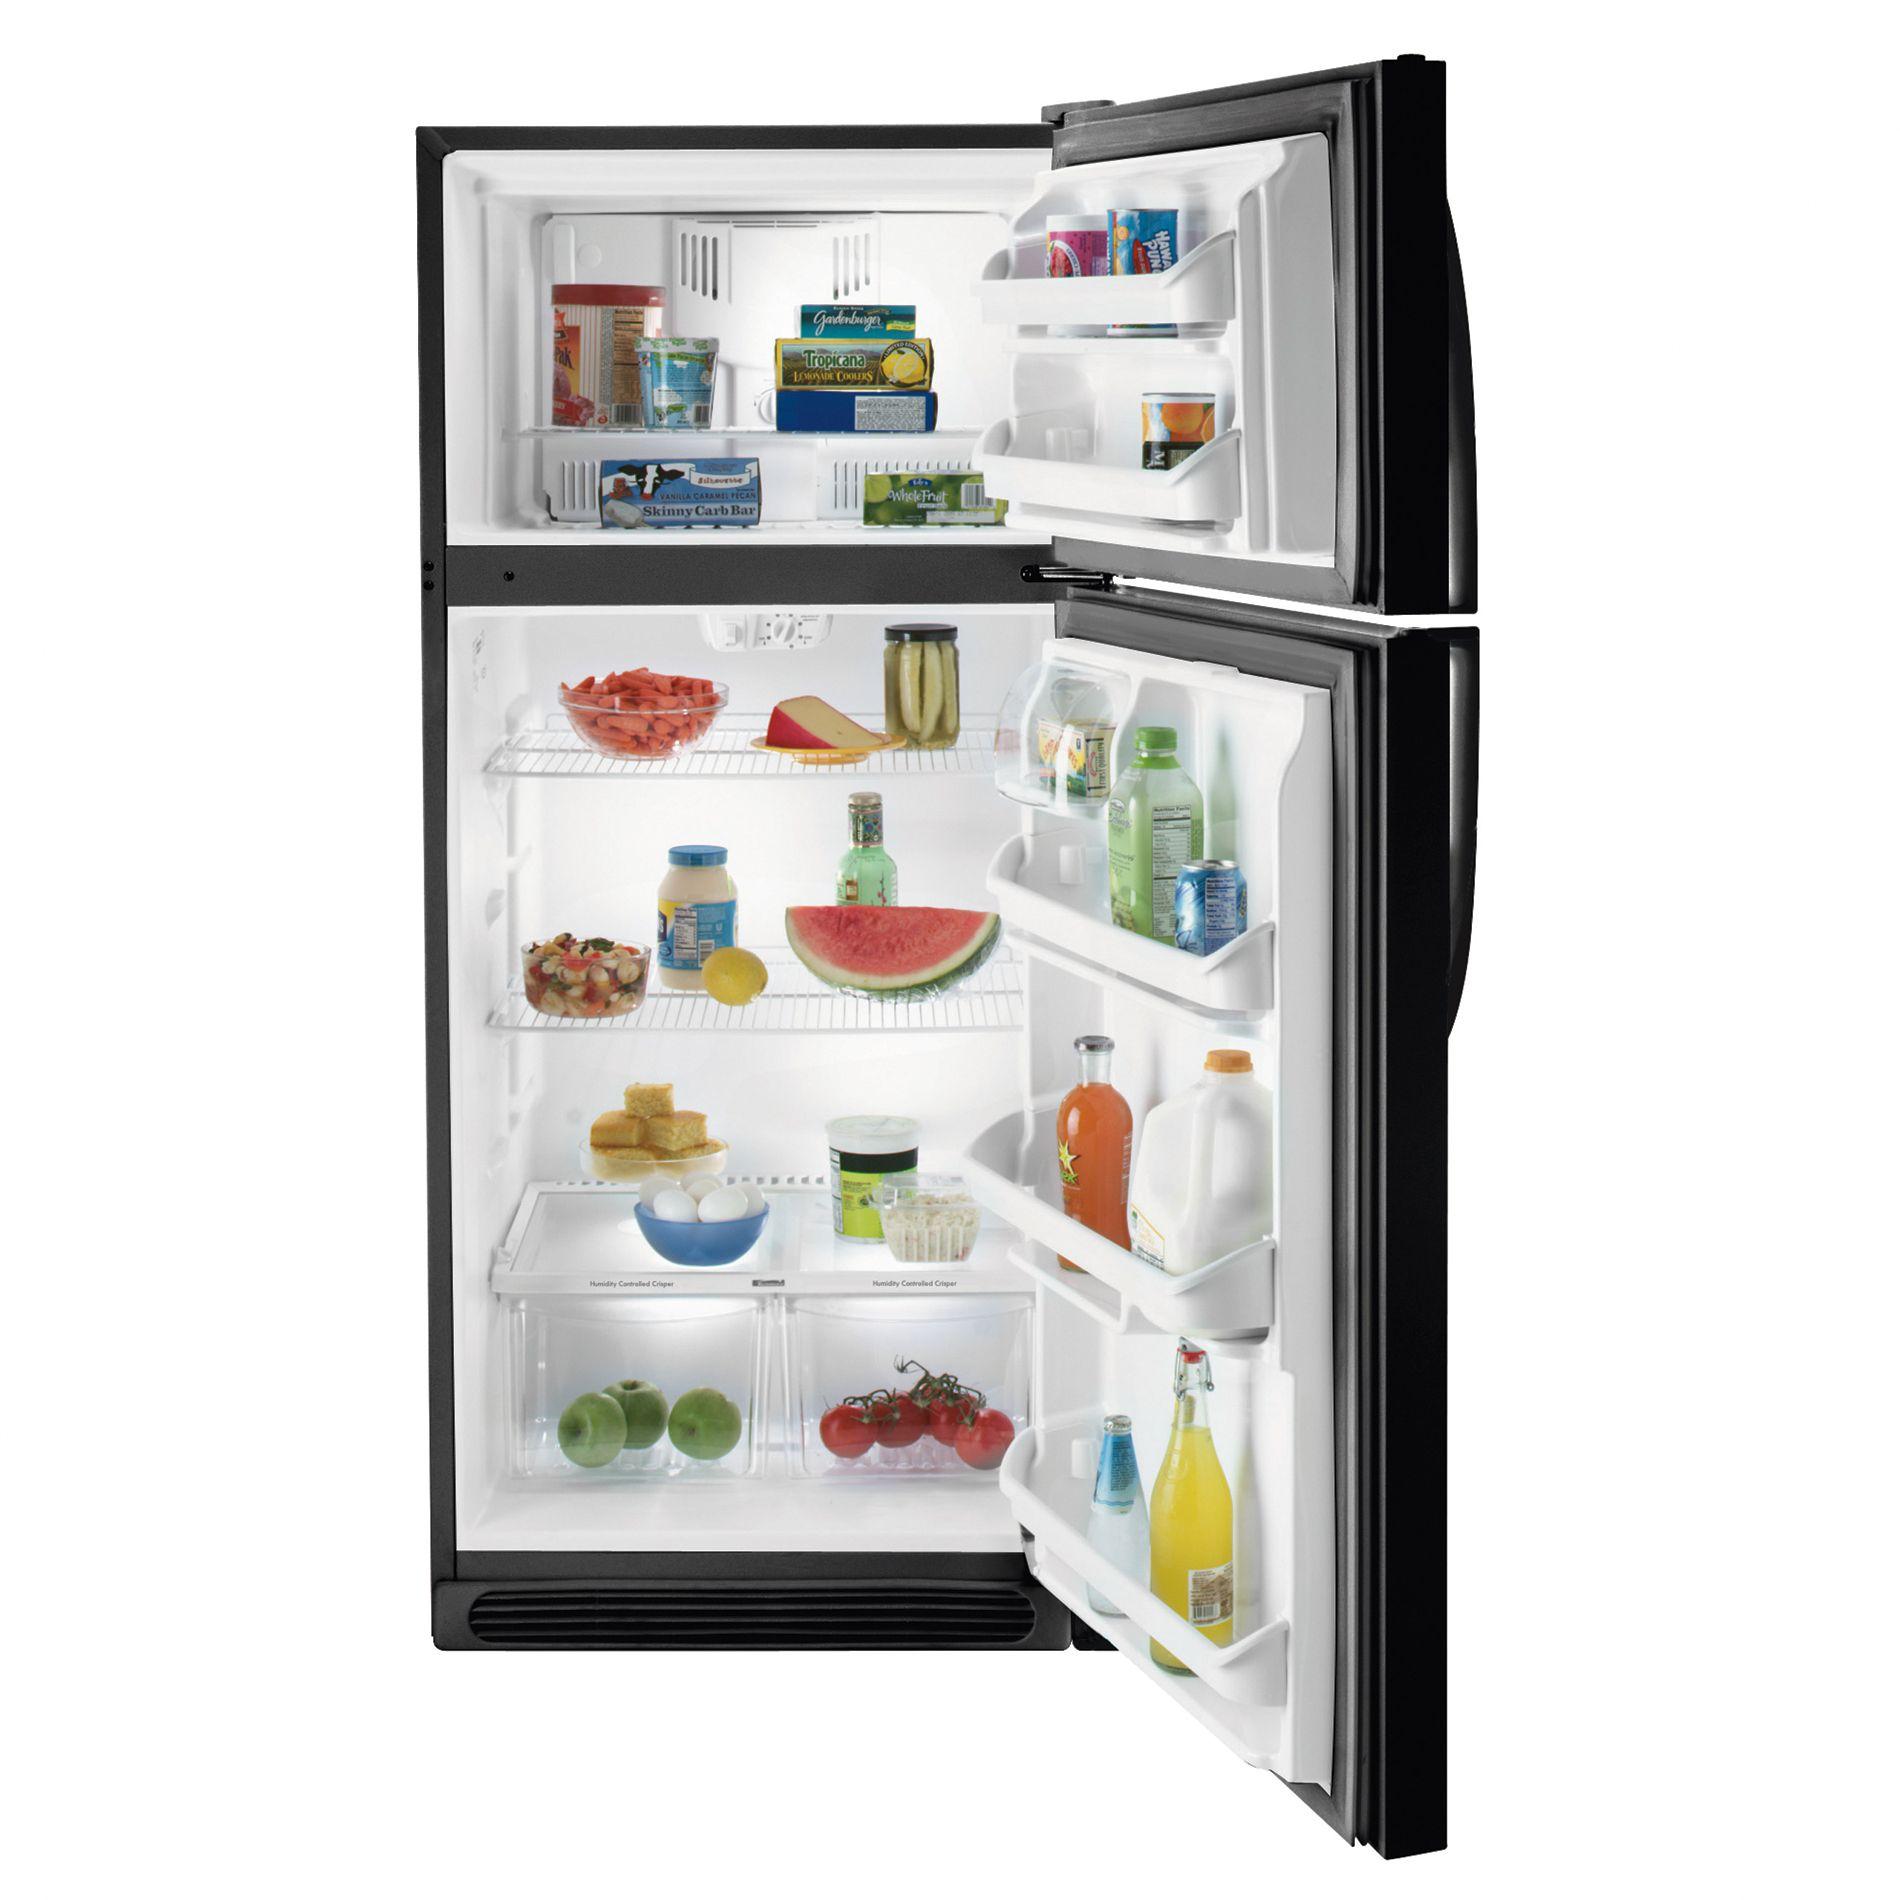 Kenmore 18.2 cu. ft. Top-Freezer Refrigerator w/ Wire Shelves - Black